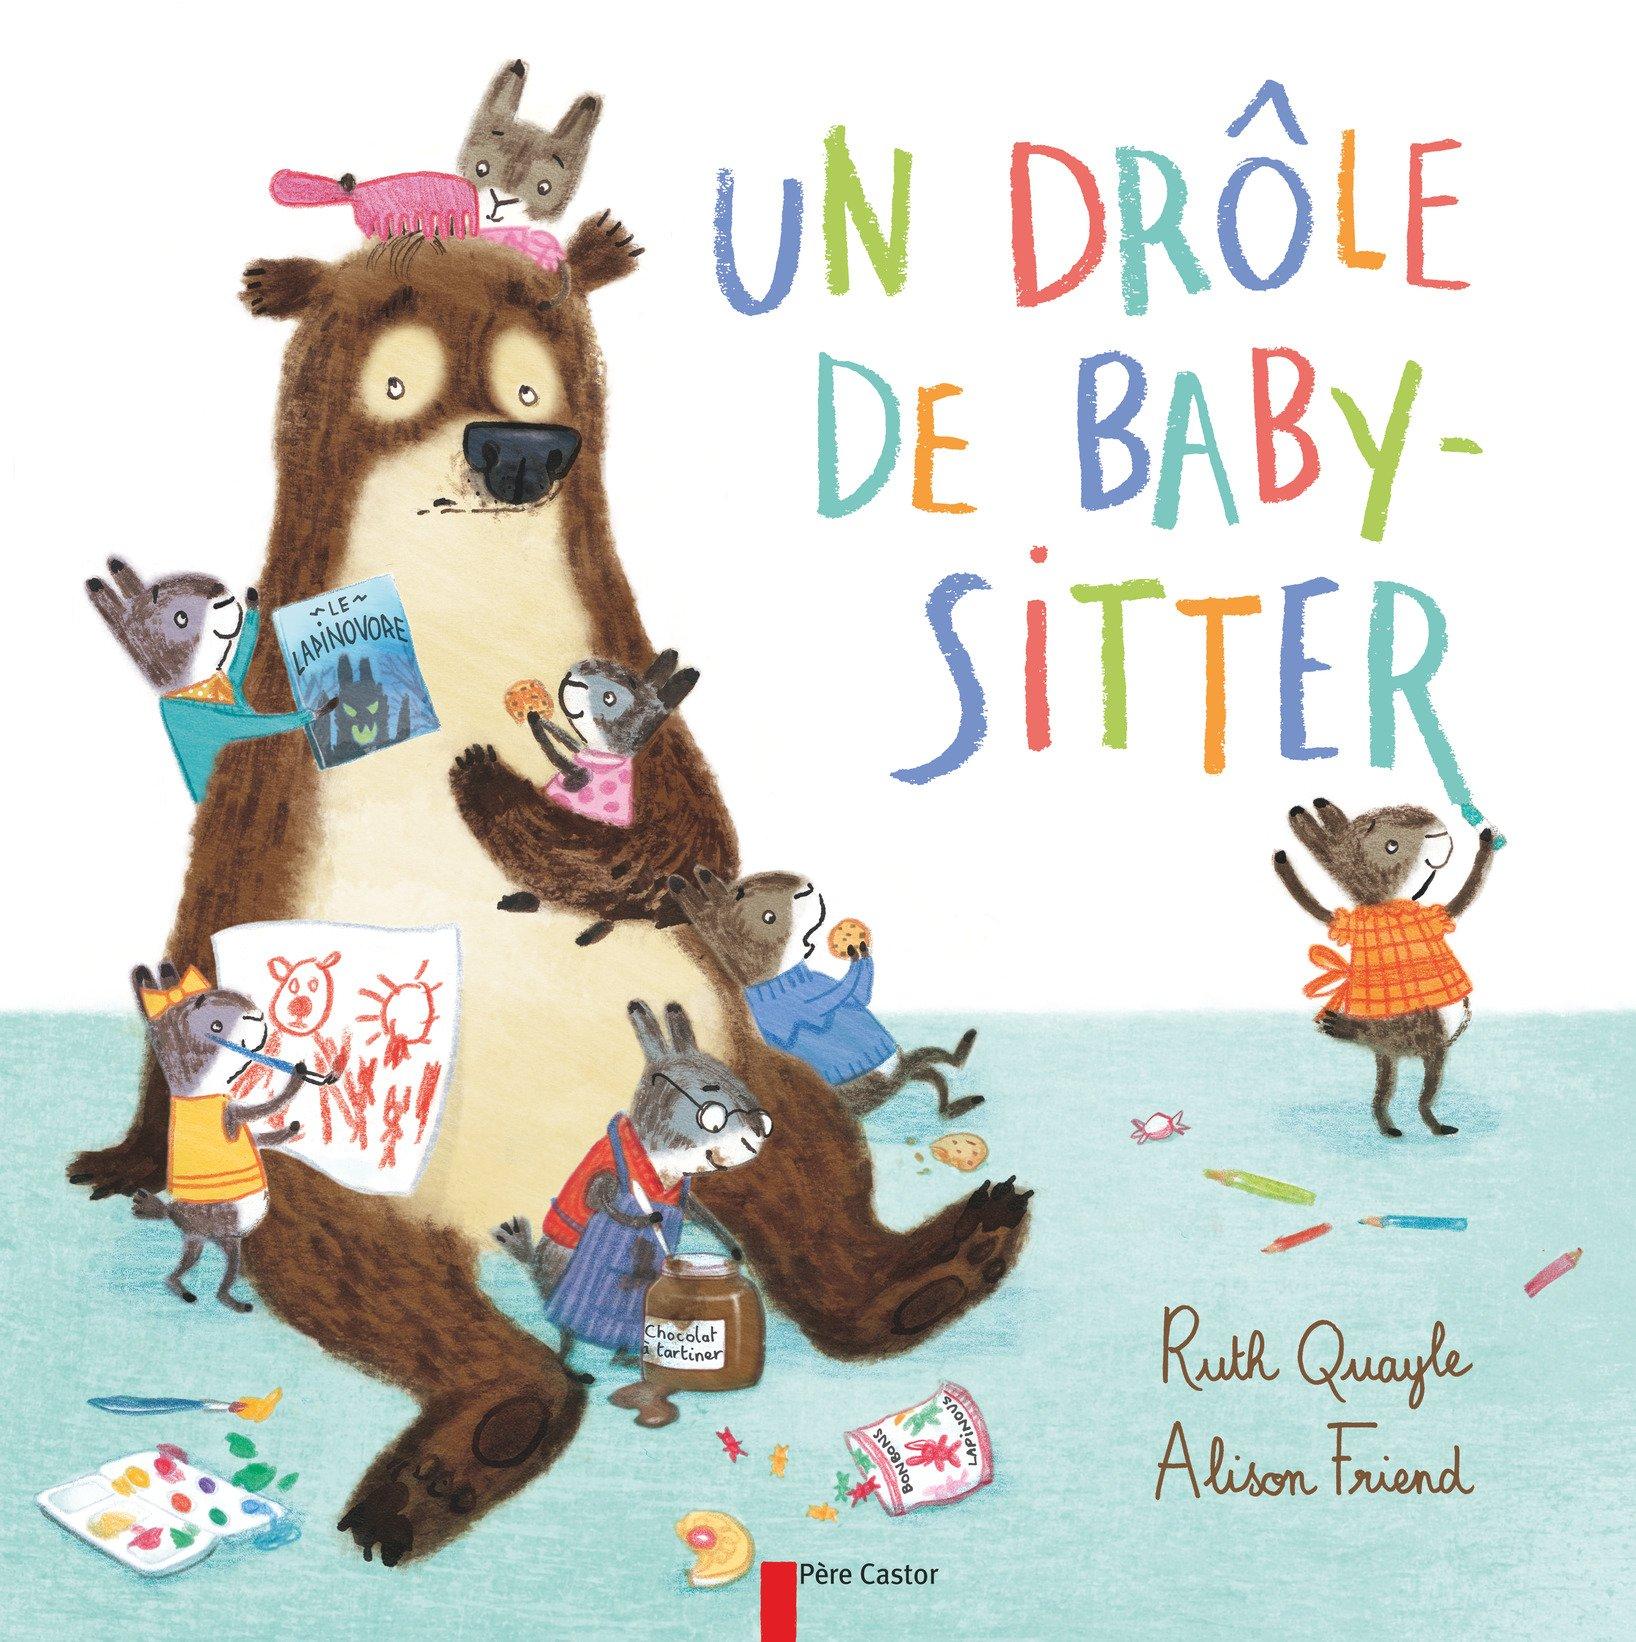 Un Drôle De Baby Sitter Ruth Quayle Alison Friend